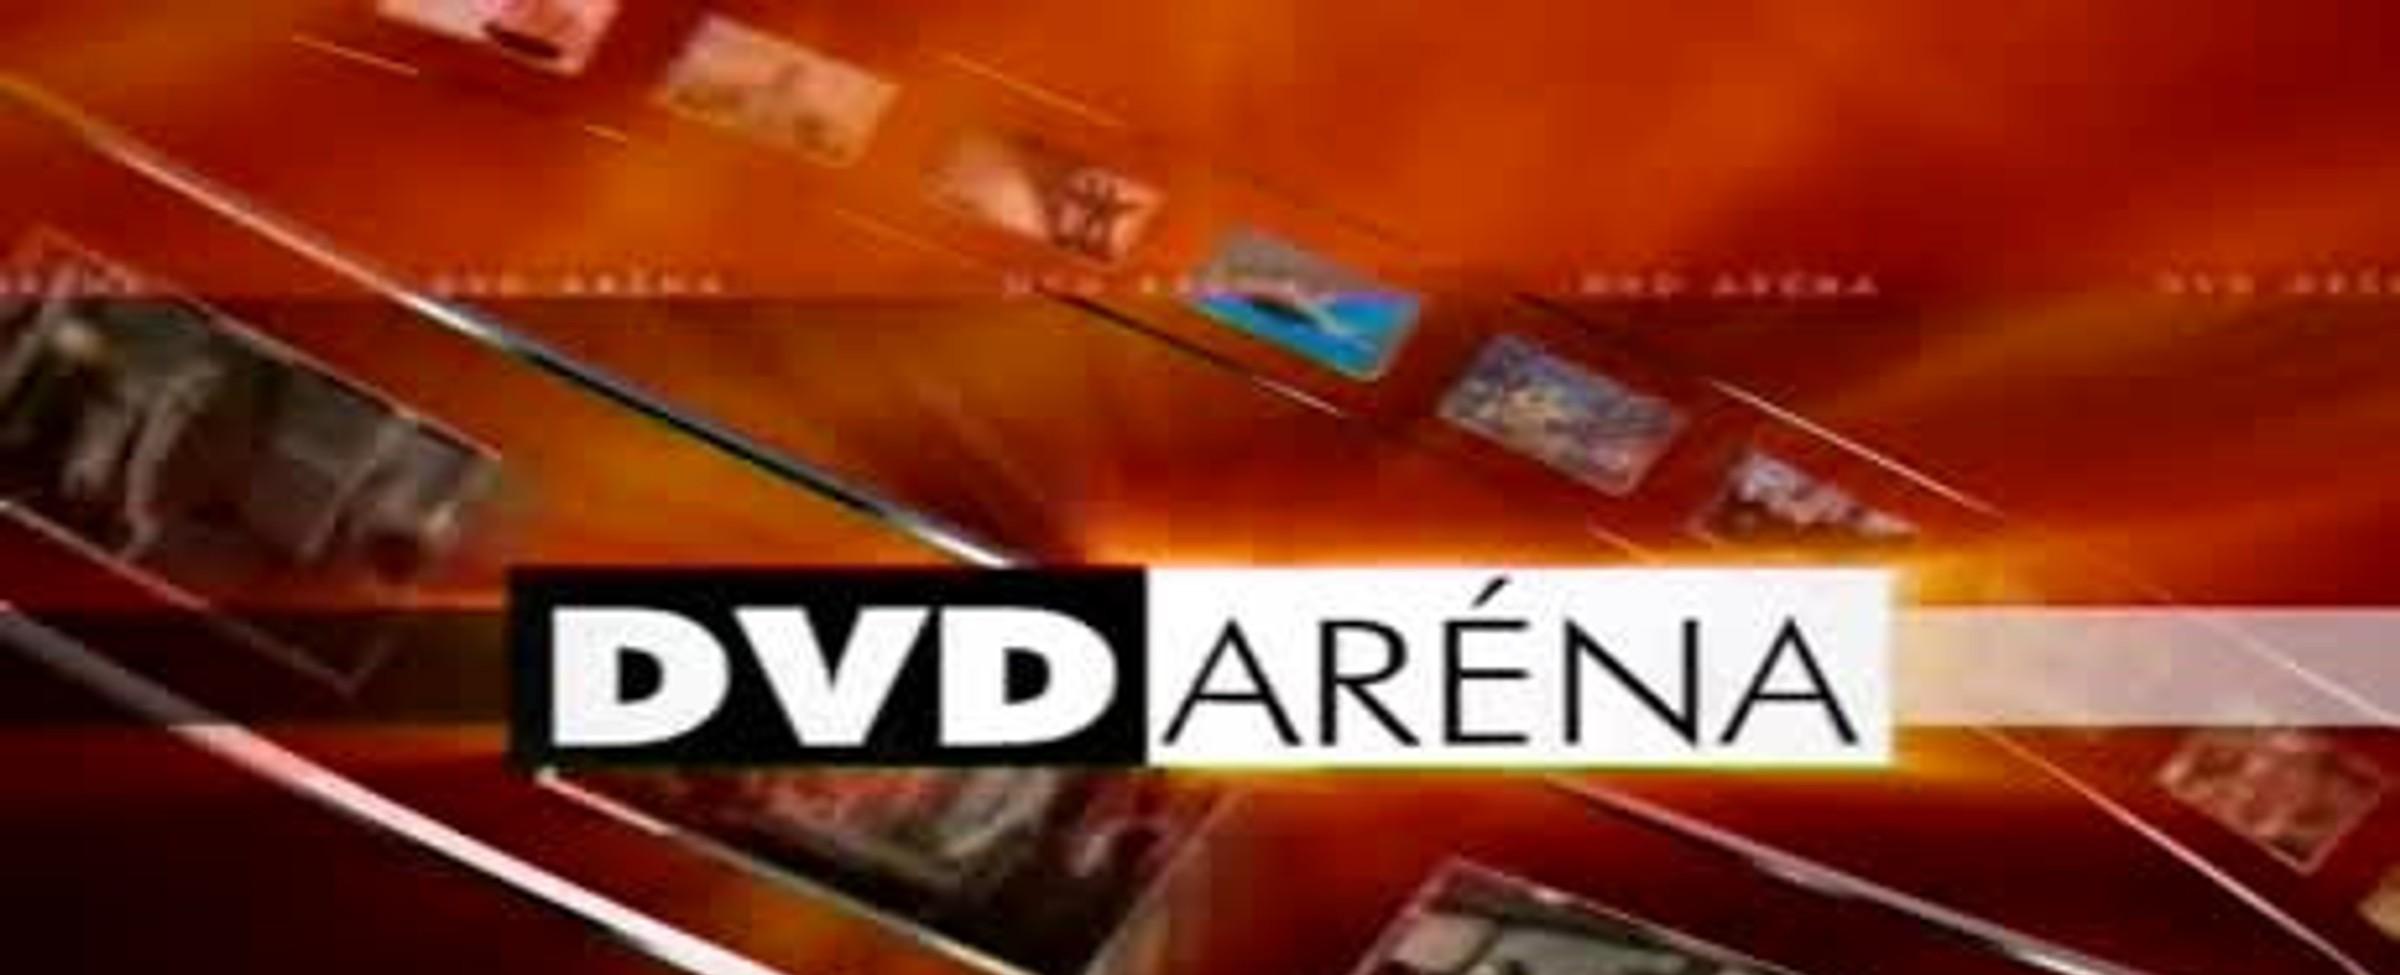 DVD aréna